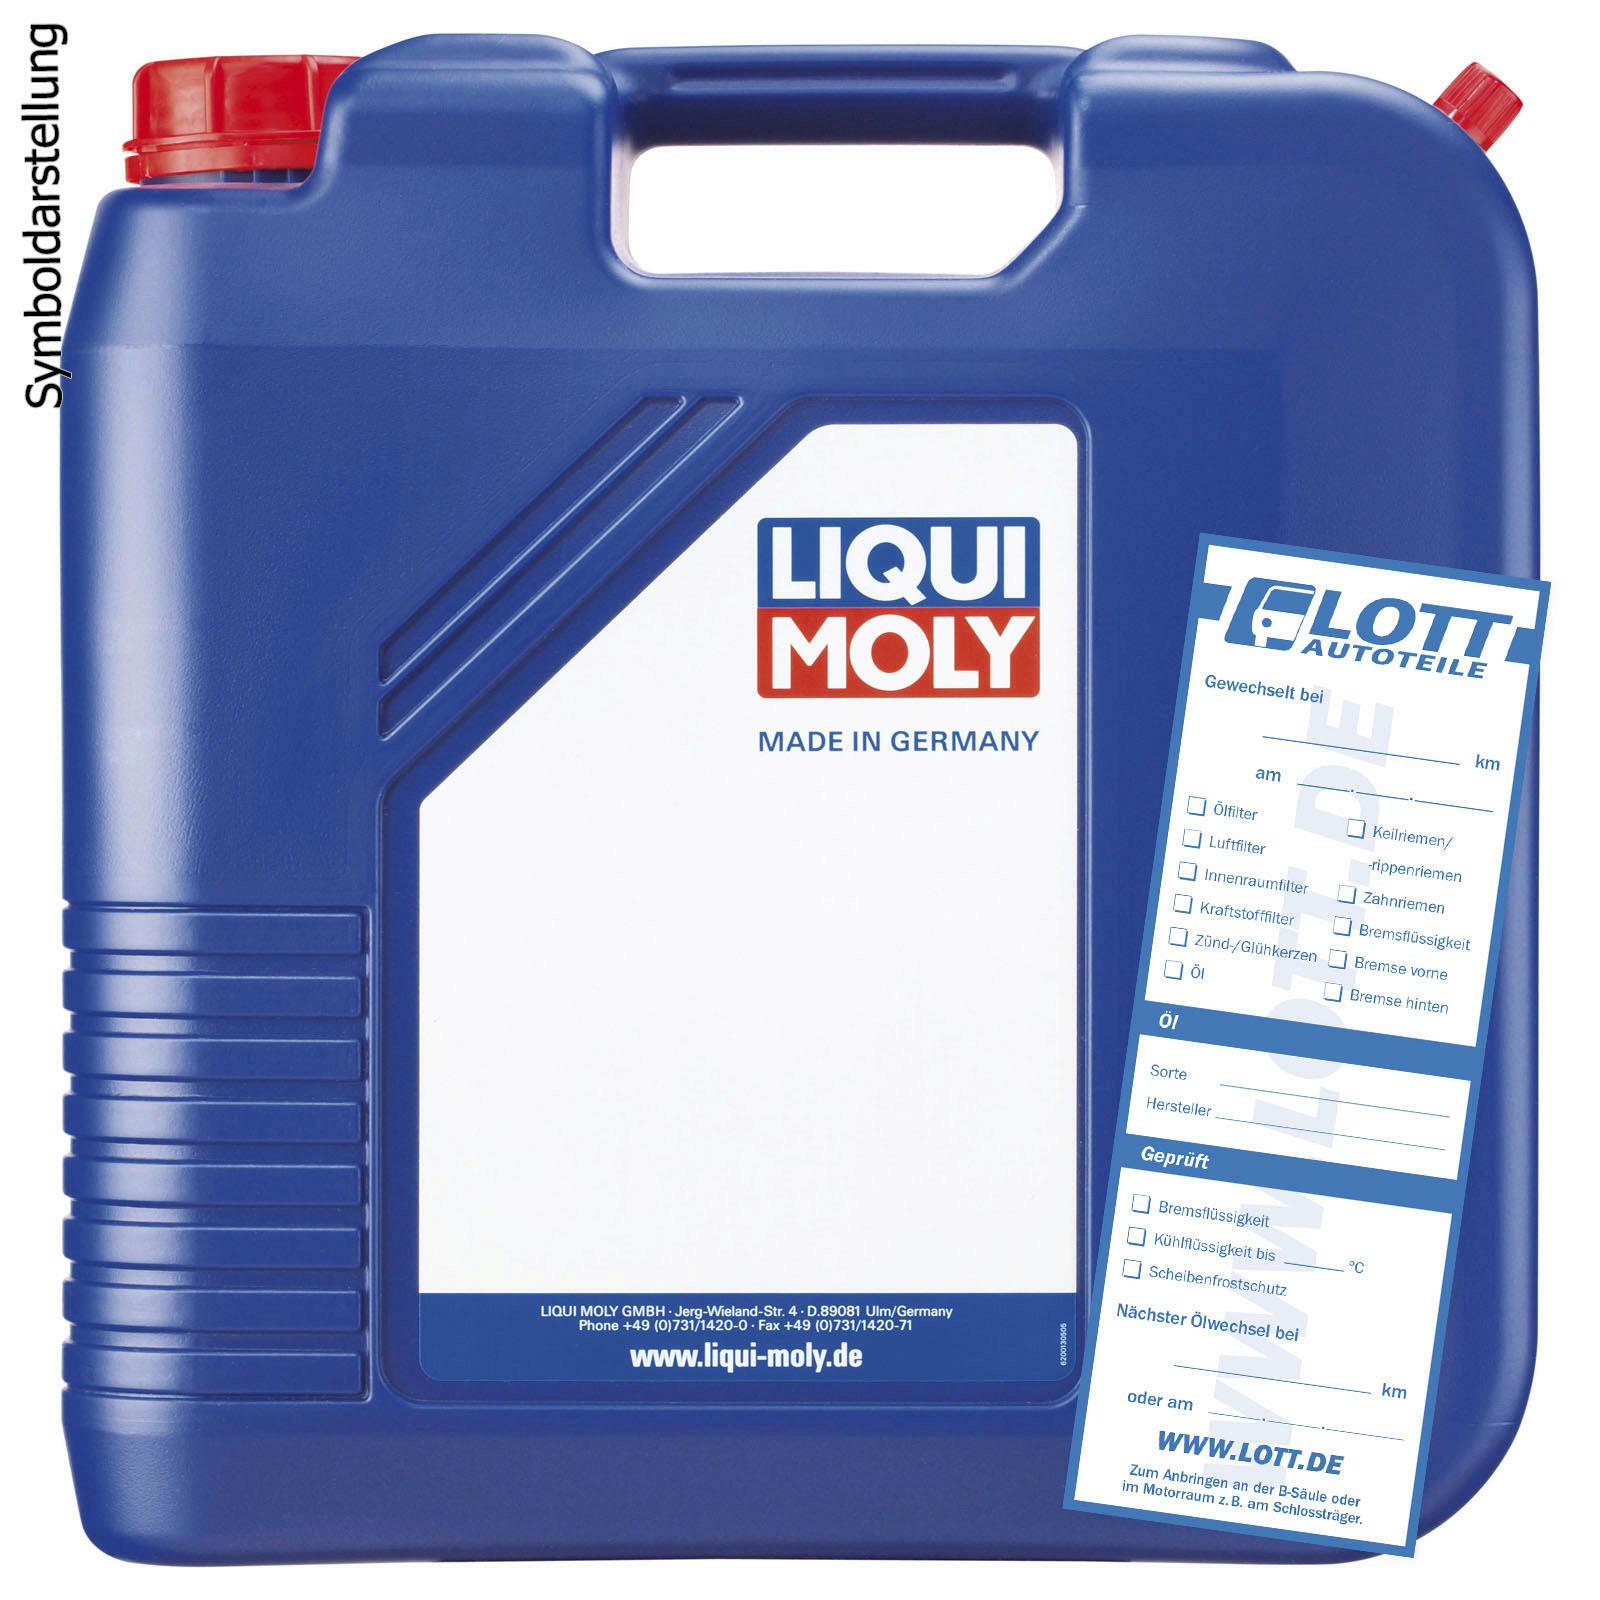 Liqui Moly Hydrauliköl HLP 22 20L